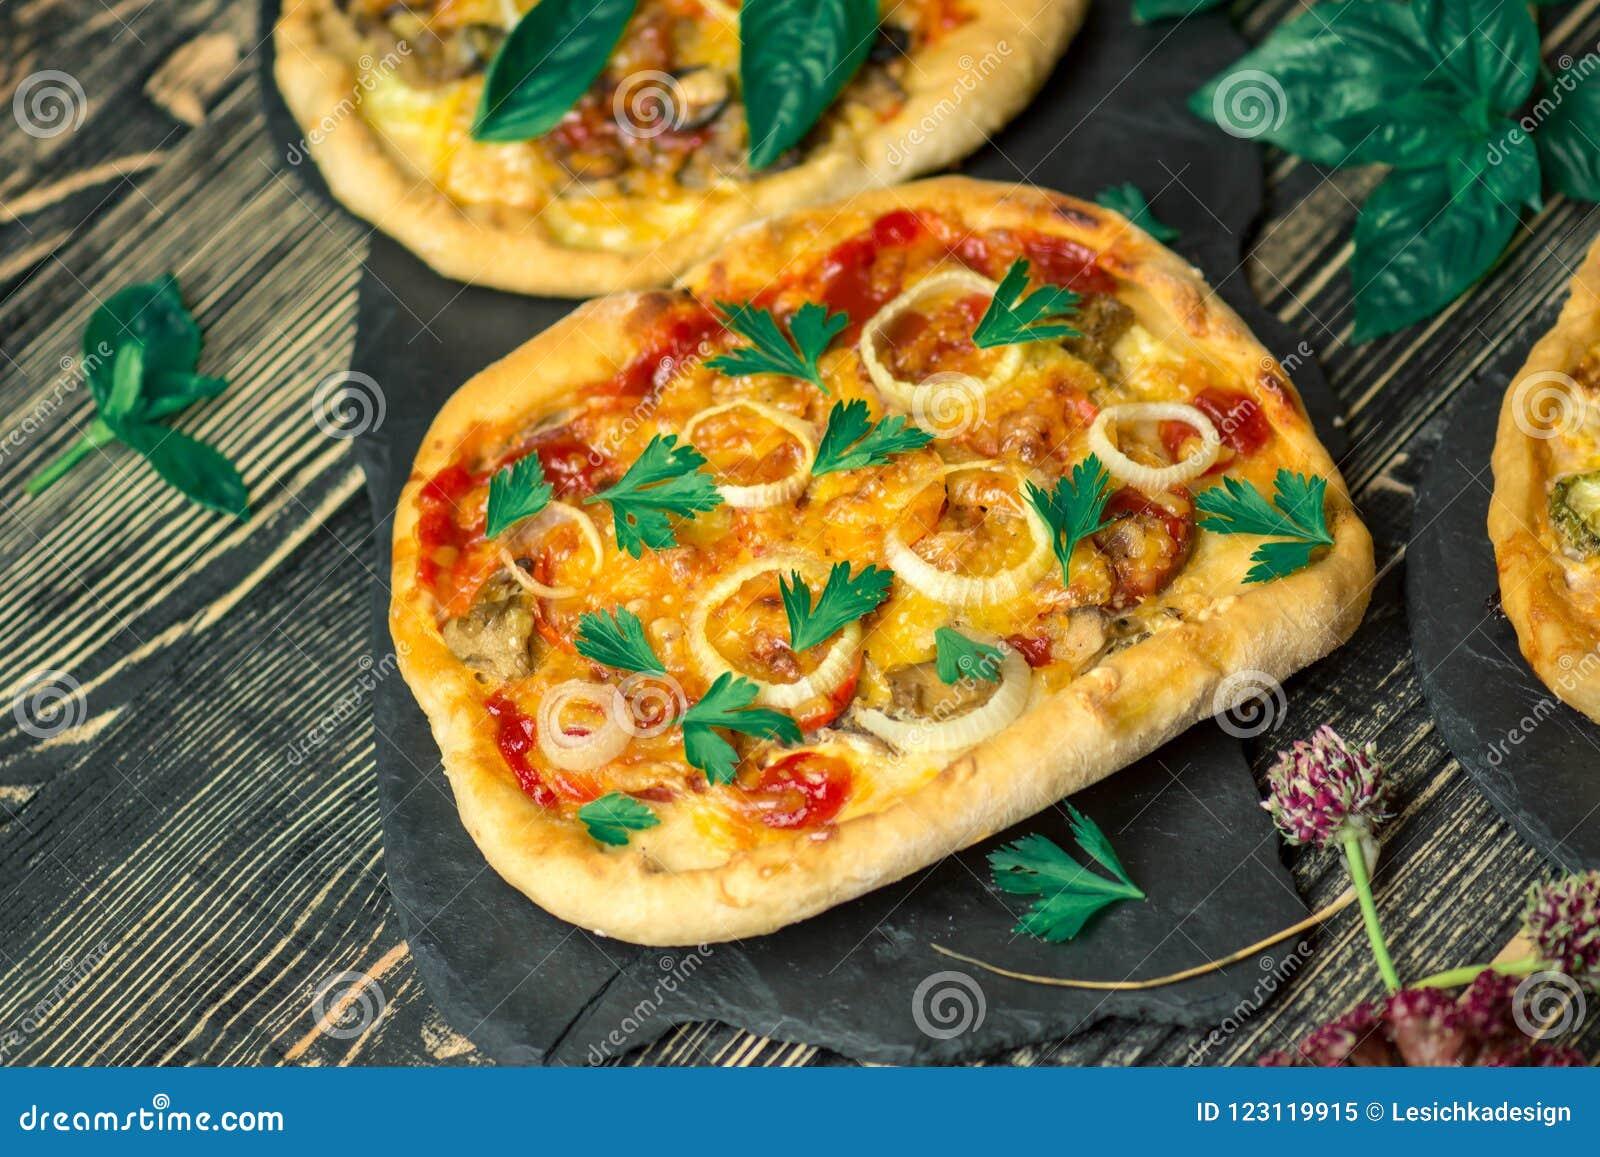 American pizza with mozzarella, tomato, pepperoni on dark wooden table.